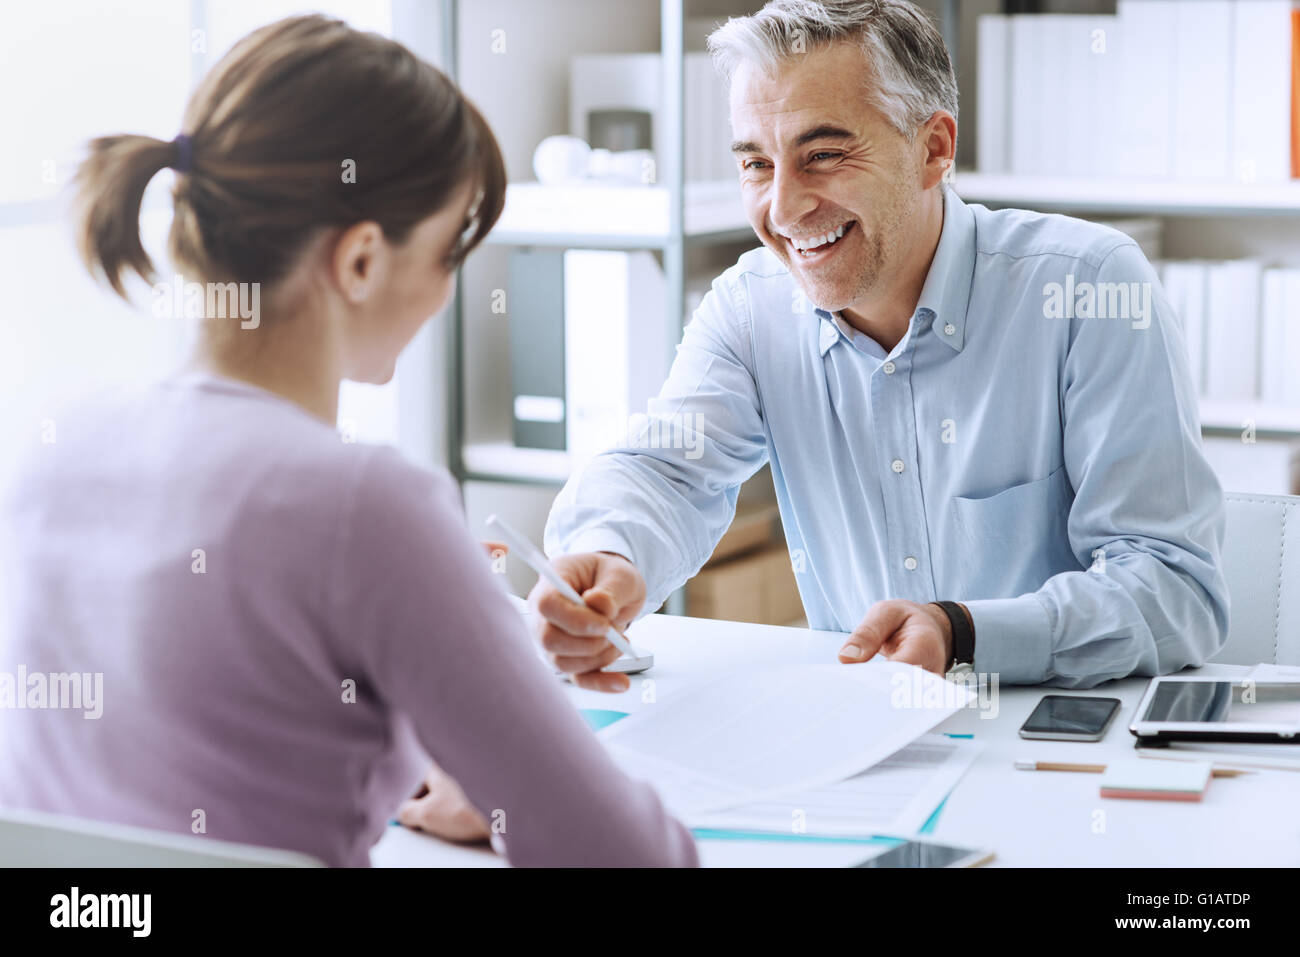 Giovane donna avente una riunione di affari e la firma di un contratto, il reclutamento e la nozione di accordo Immagini Stock